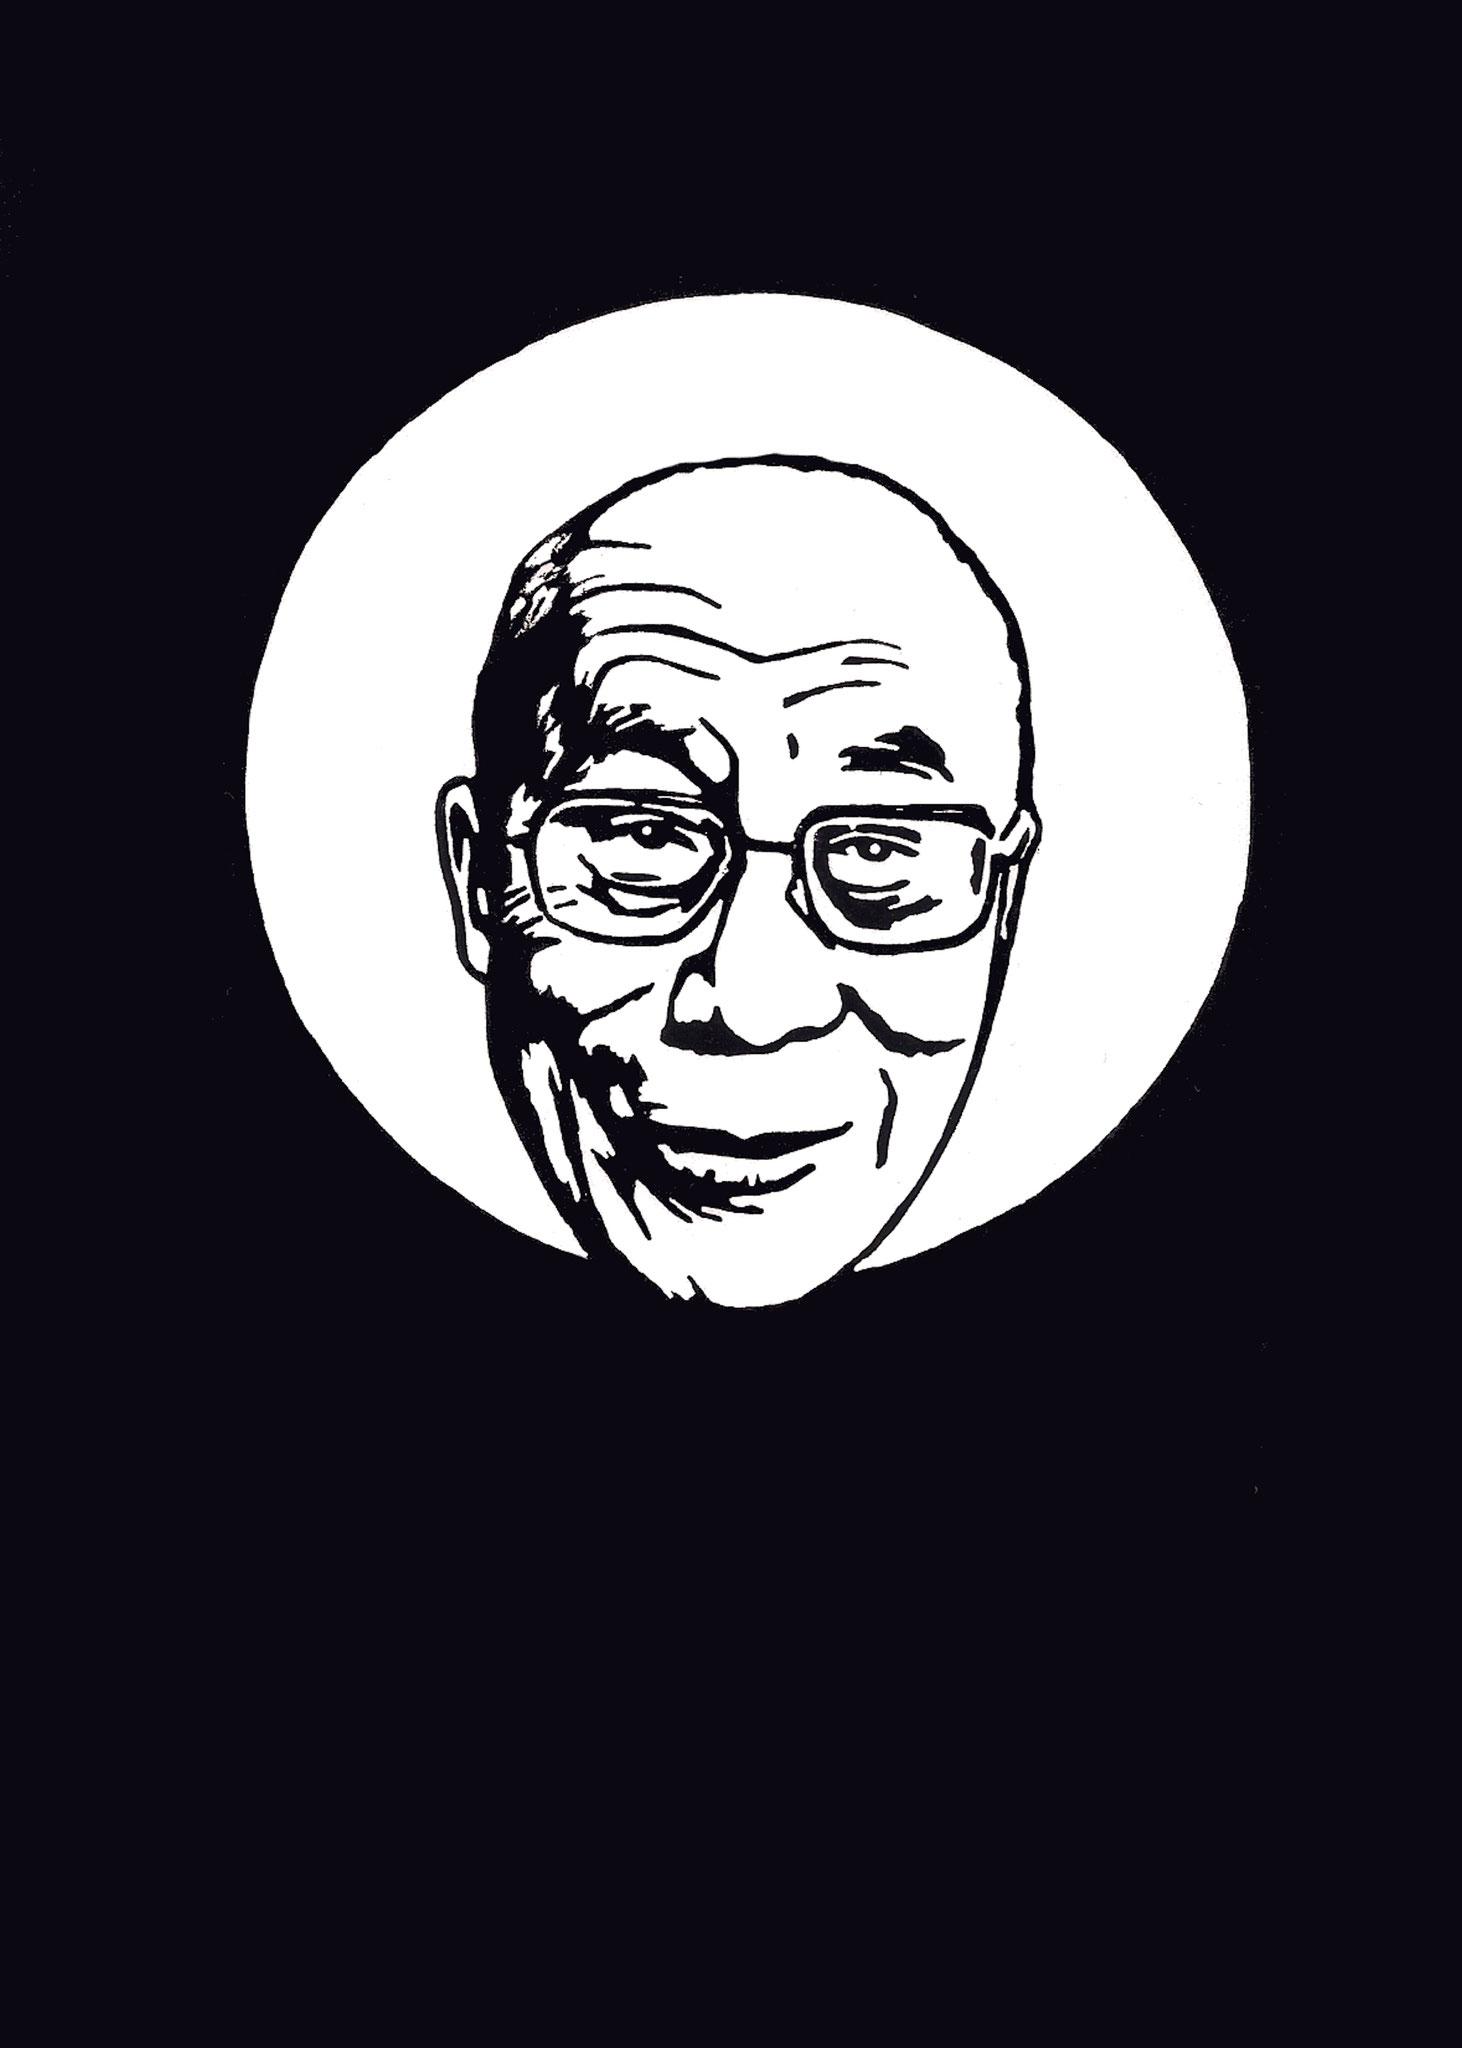 Dalai Lama, 21/11/2017, Edition 5, A5